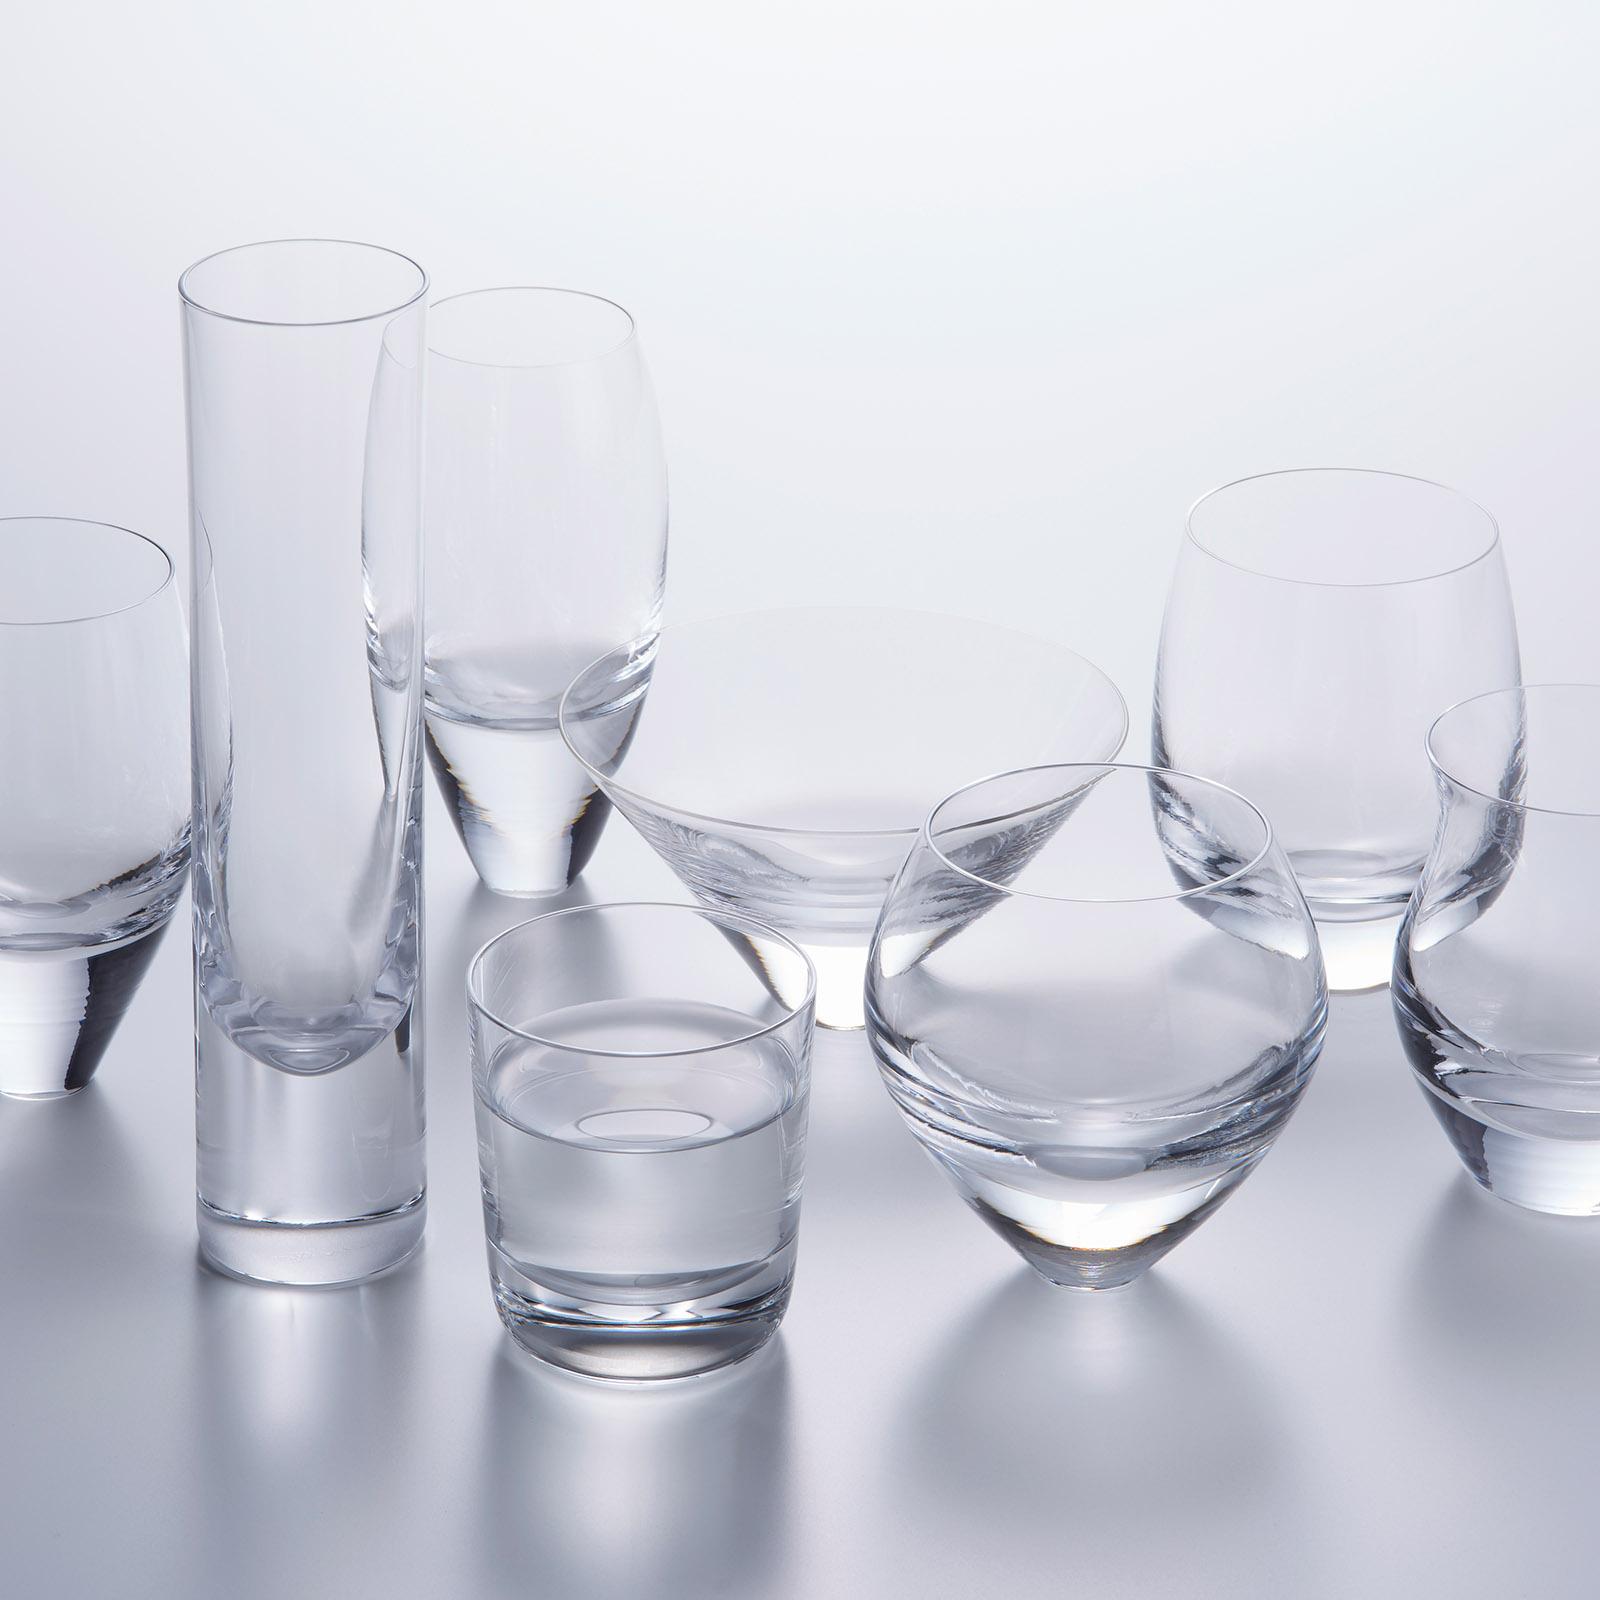 KIKINO グラス8種 コンプリートセット GIFT